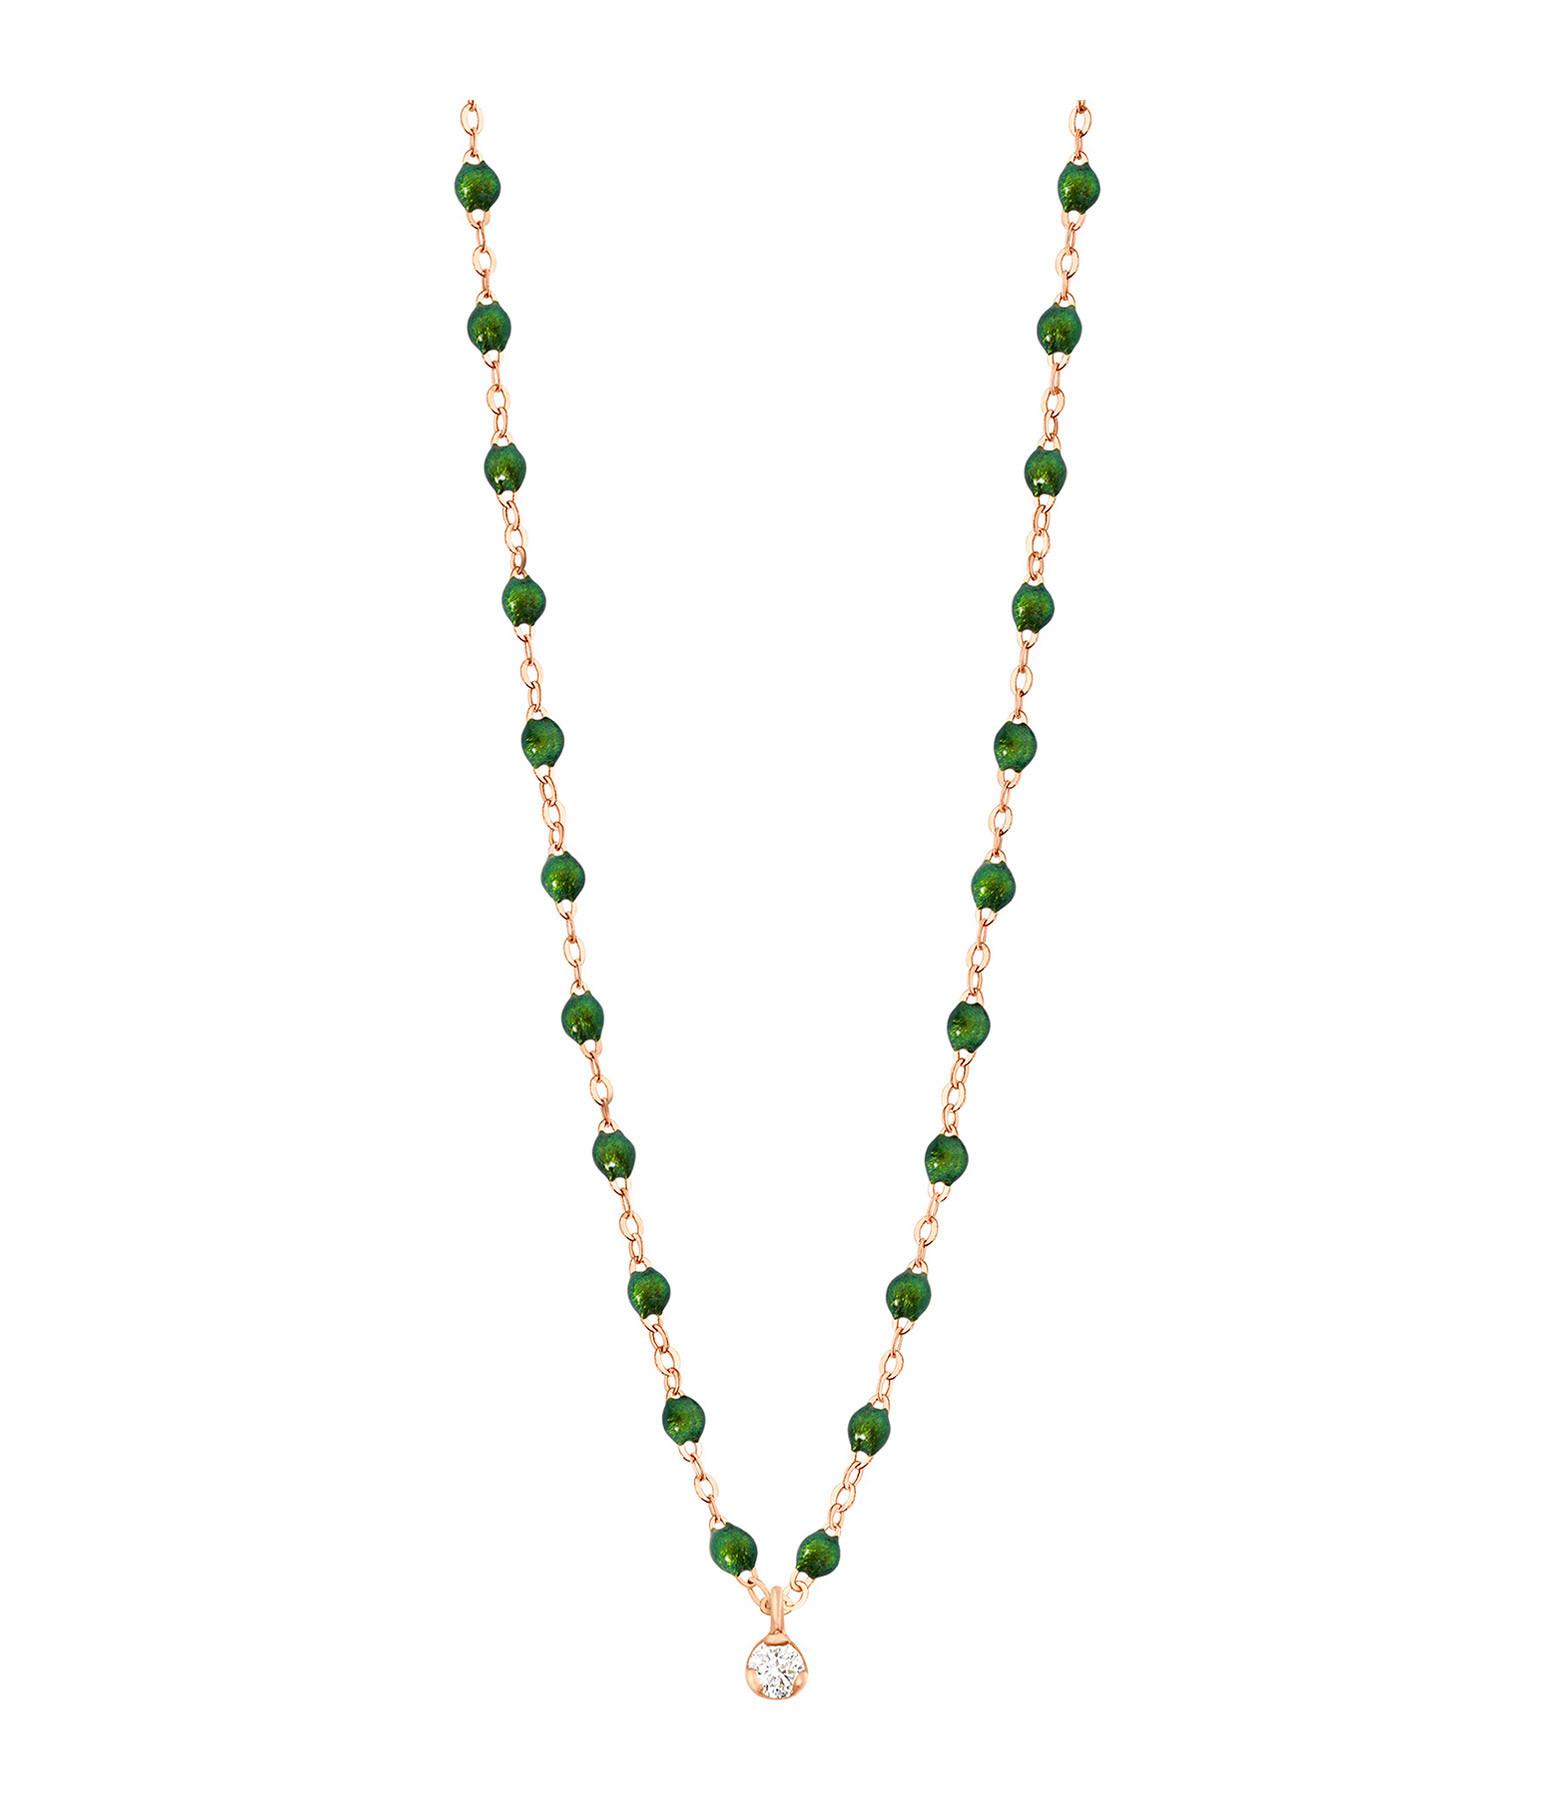 GIGI CLOZEAU - Collier résine Gigi Suprême 1 Diamant Or rose